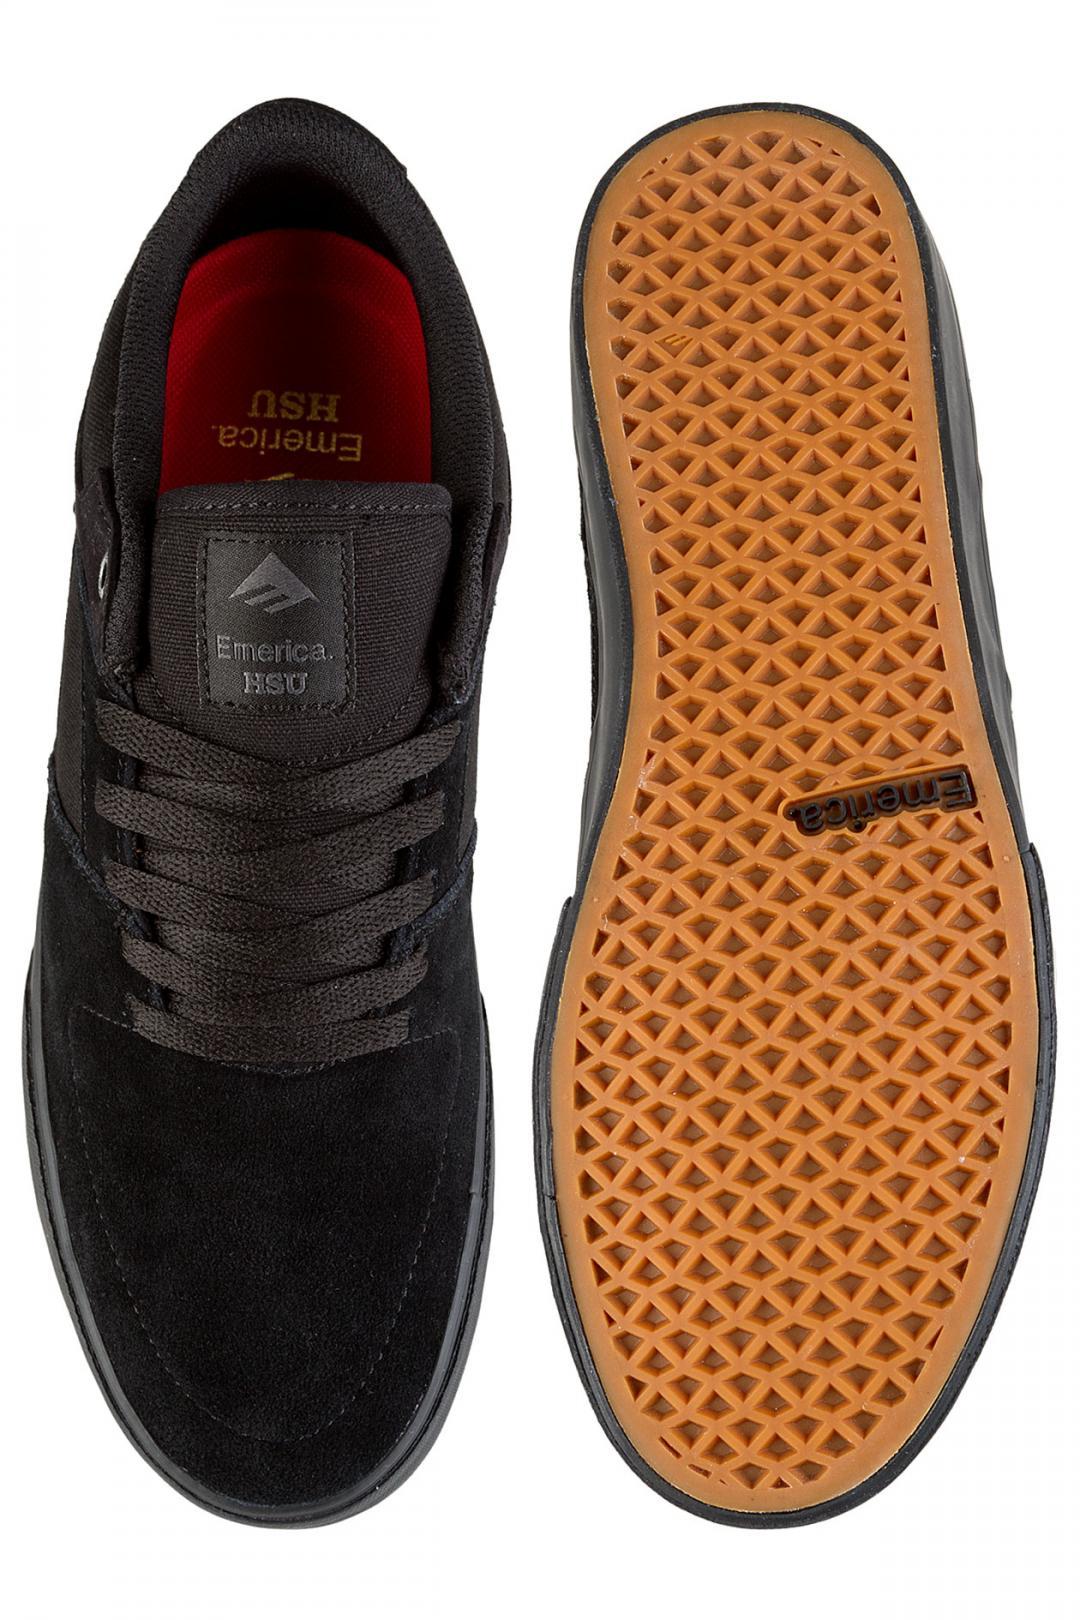 Uomo Emerica The HSU Low Vulc black black | Sneakers low top